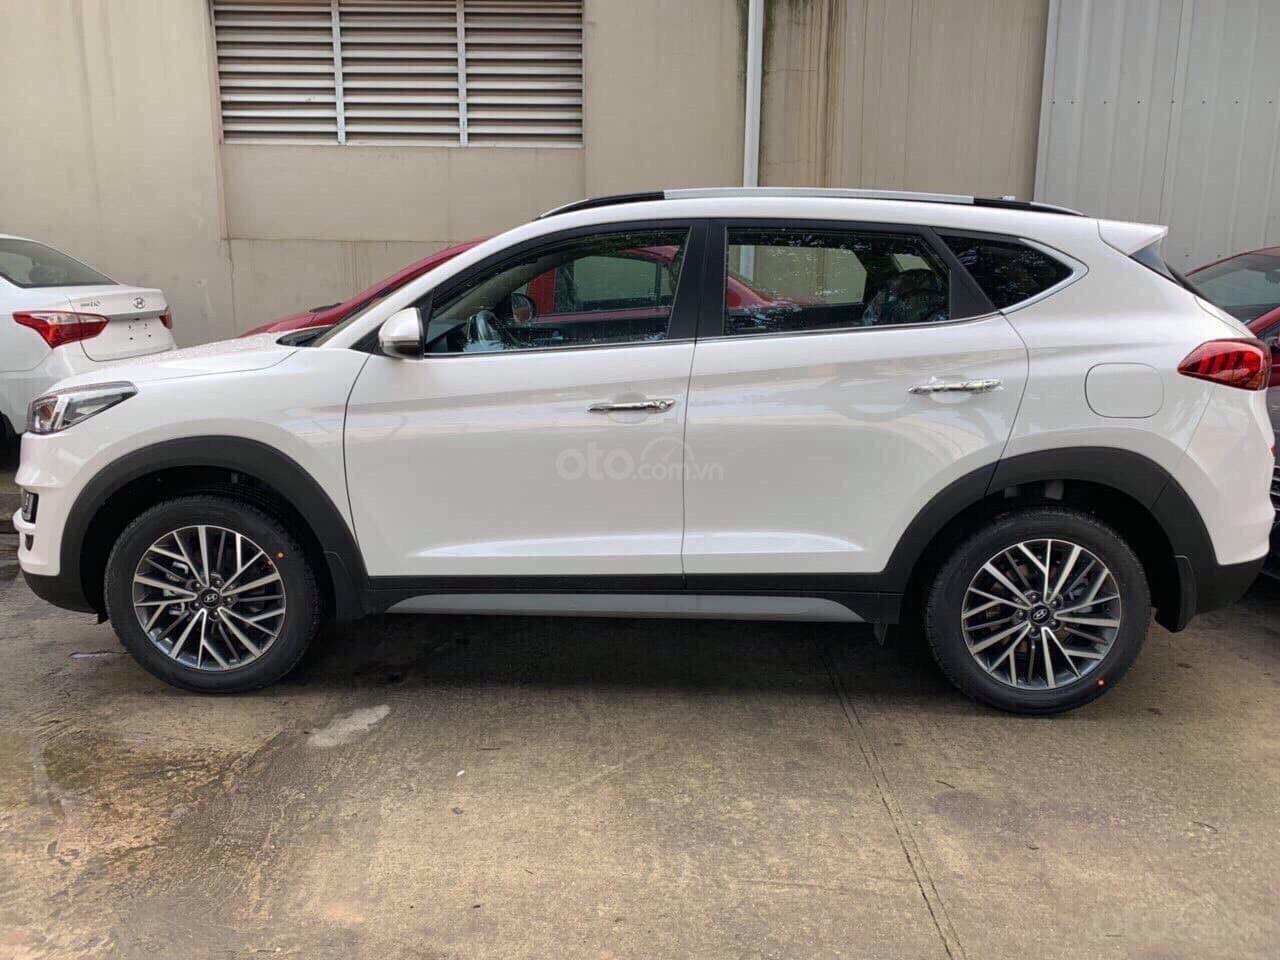 Cần bán xe Tucson 2.0AT đặc biệt 2019, giá 858 triệu đồng (11)